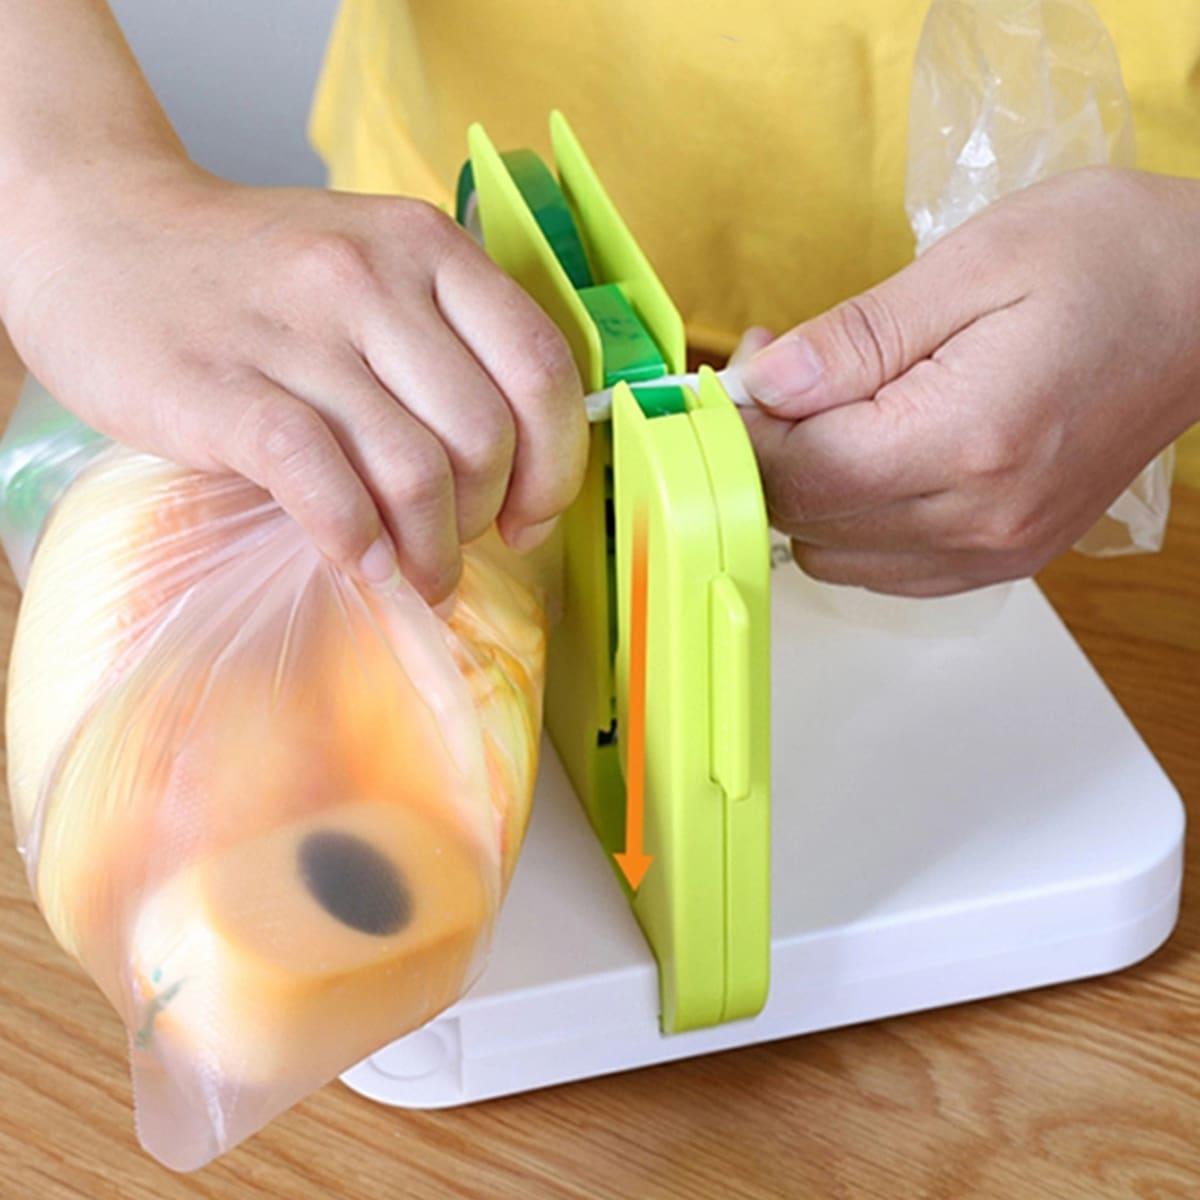 Кухонный упаковщик пищевых продуктов 1шт